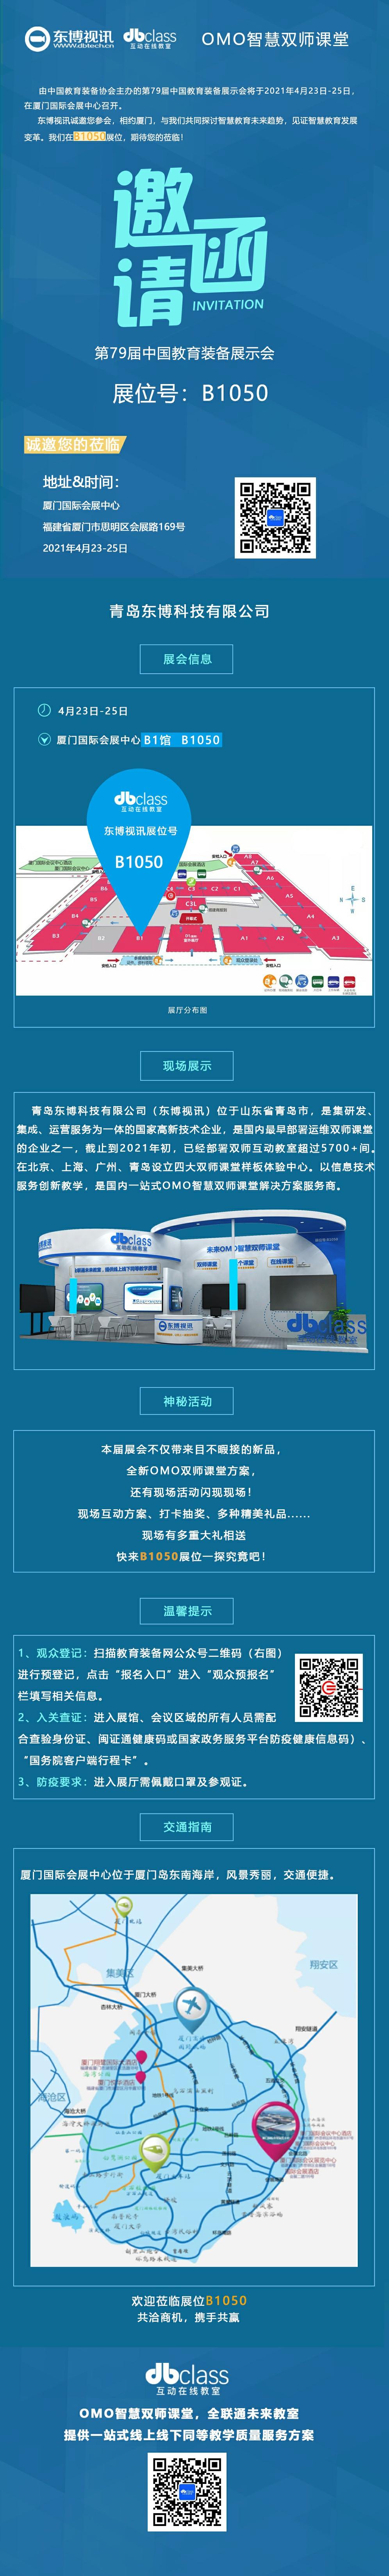 79届中国教育装备展邀请函